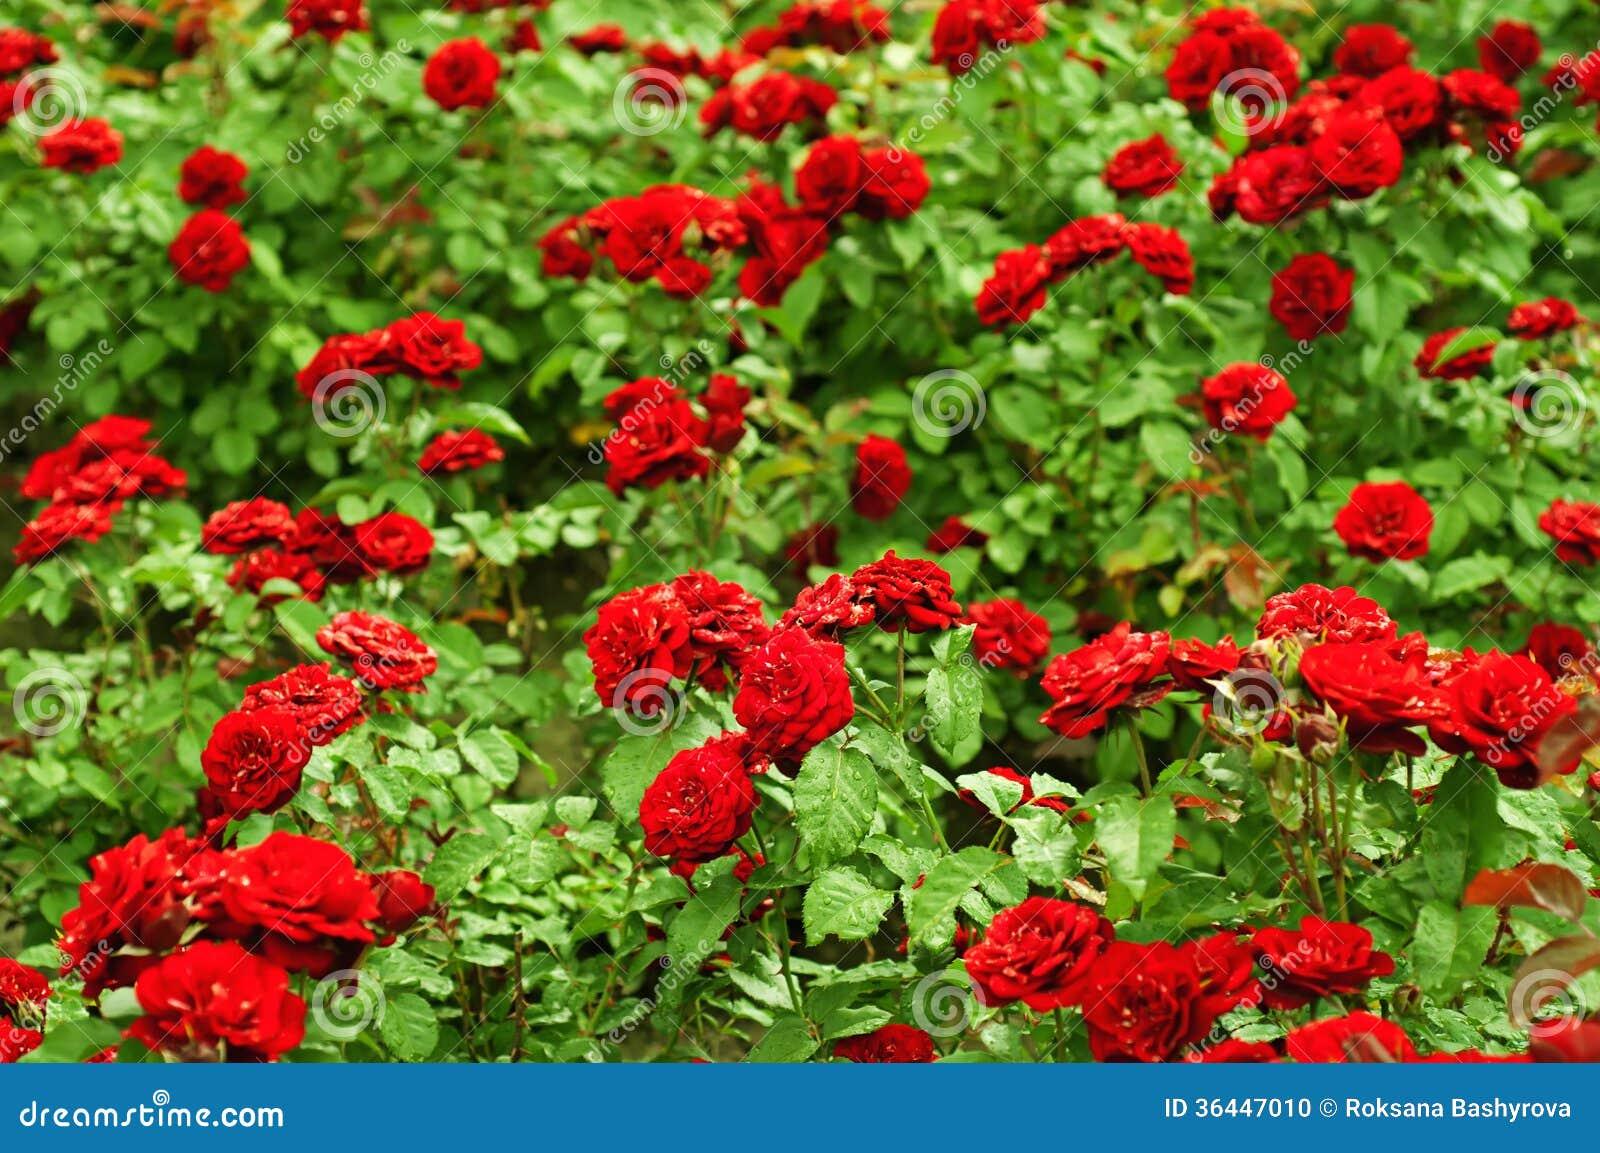 Image gallery jardines de rosas rojas - Cosas para el jardin ...